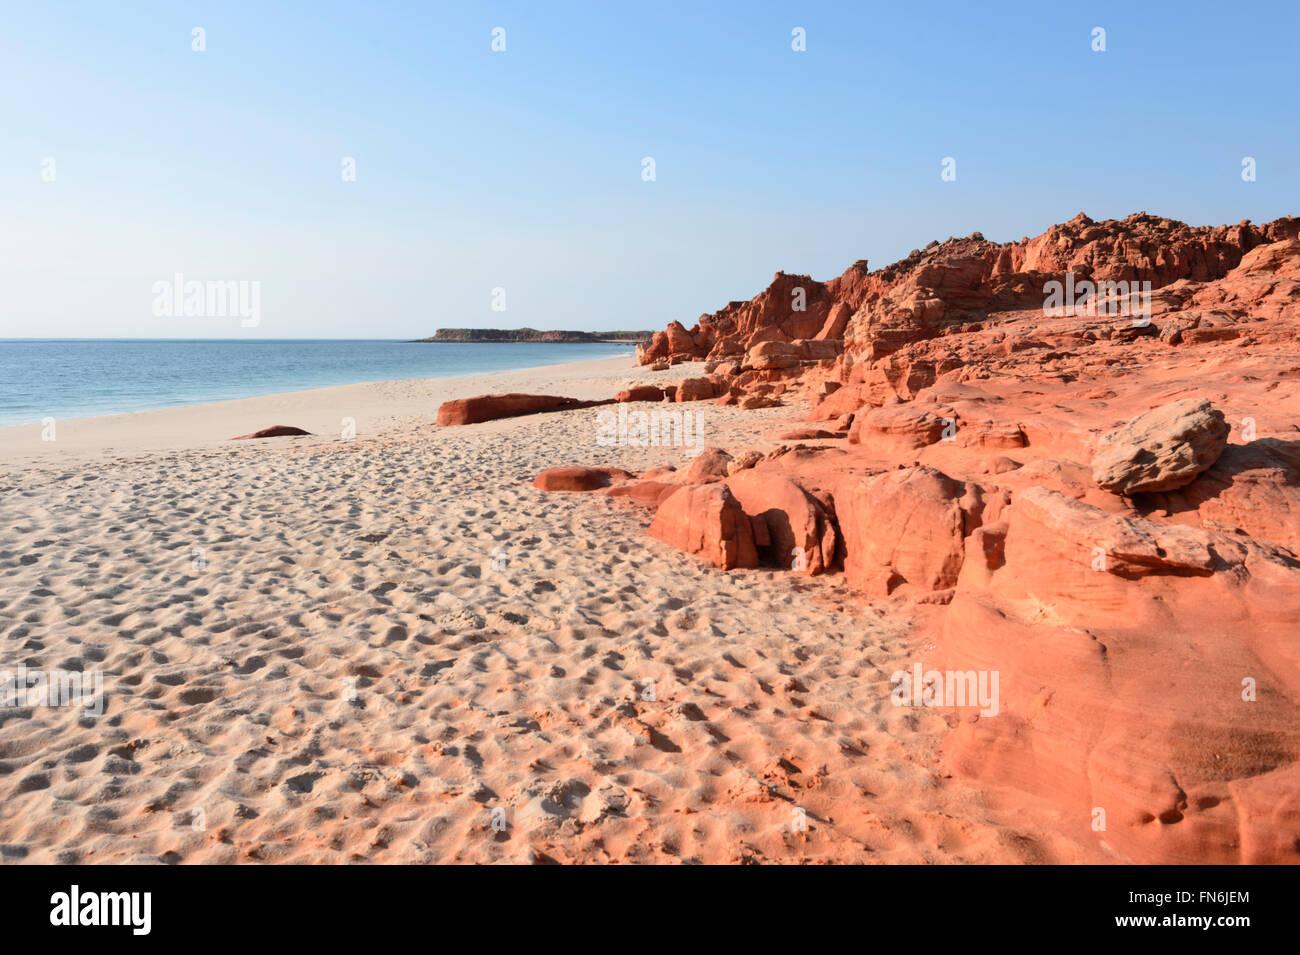 Pindan falaises, Cape Leveque, péninsule Dampier, région de Kimberley, en Australie occidentale, WA, Australia Banque D'Images